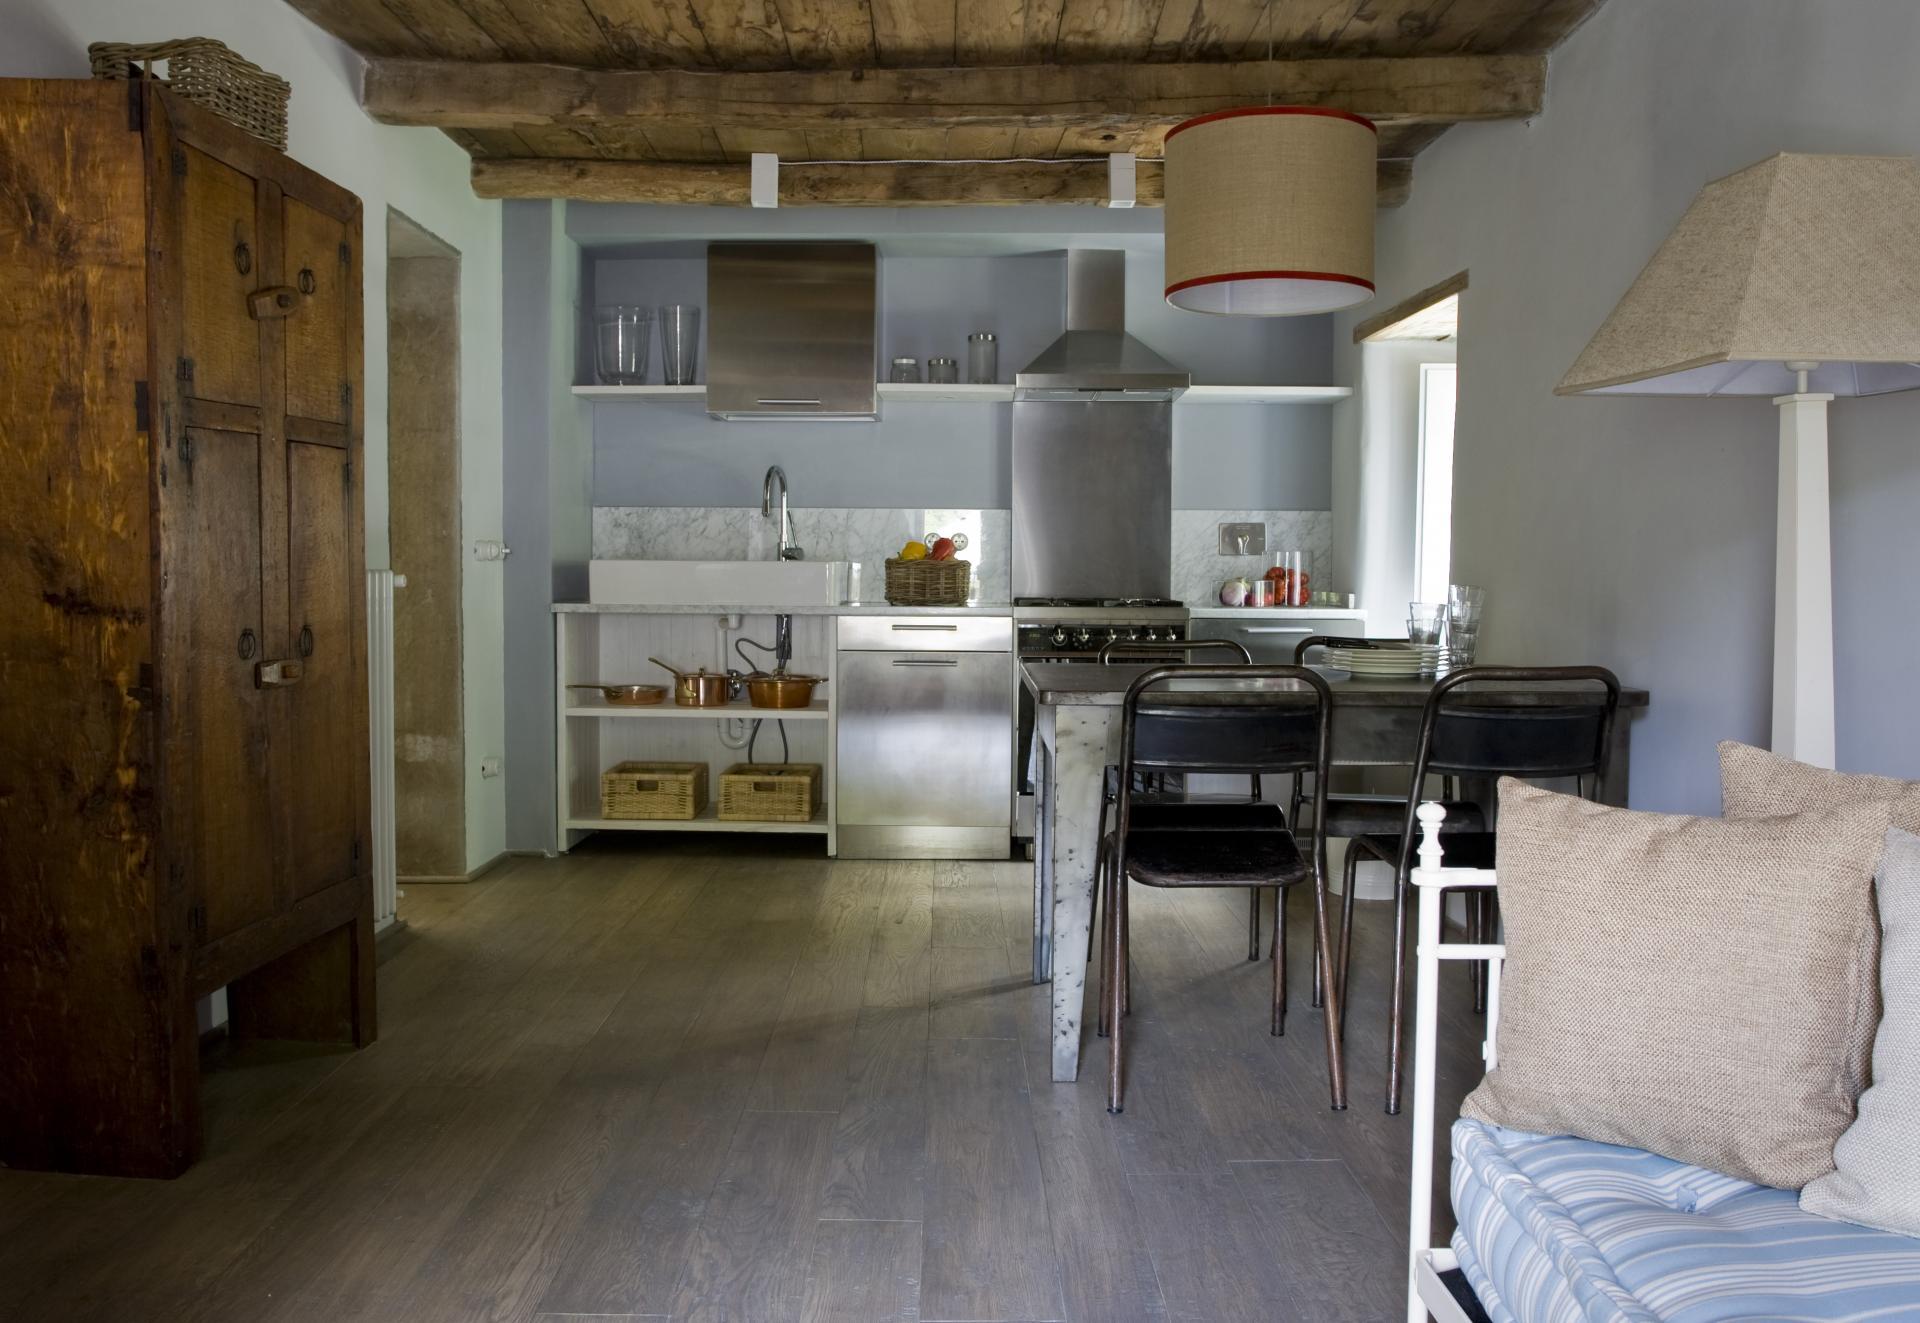 Keuken Met Zithoekje : De appartementen zijn verdeeld over 2 natuurstenen gebouwen. de